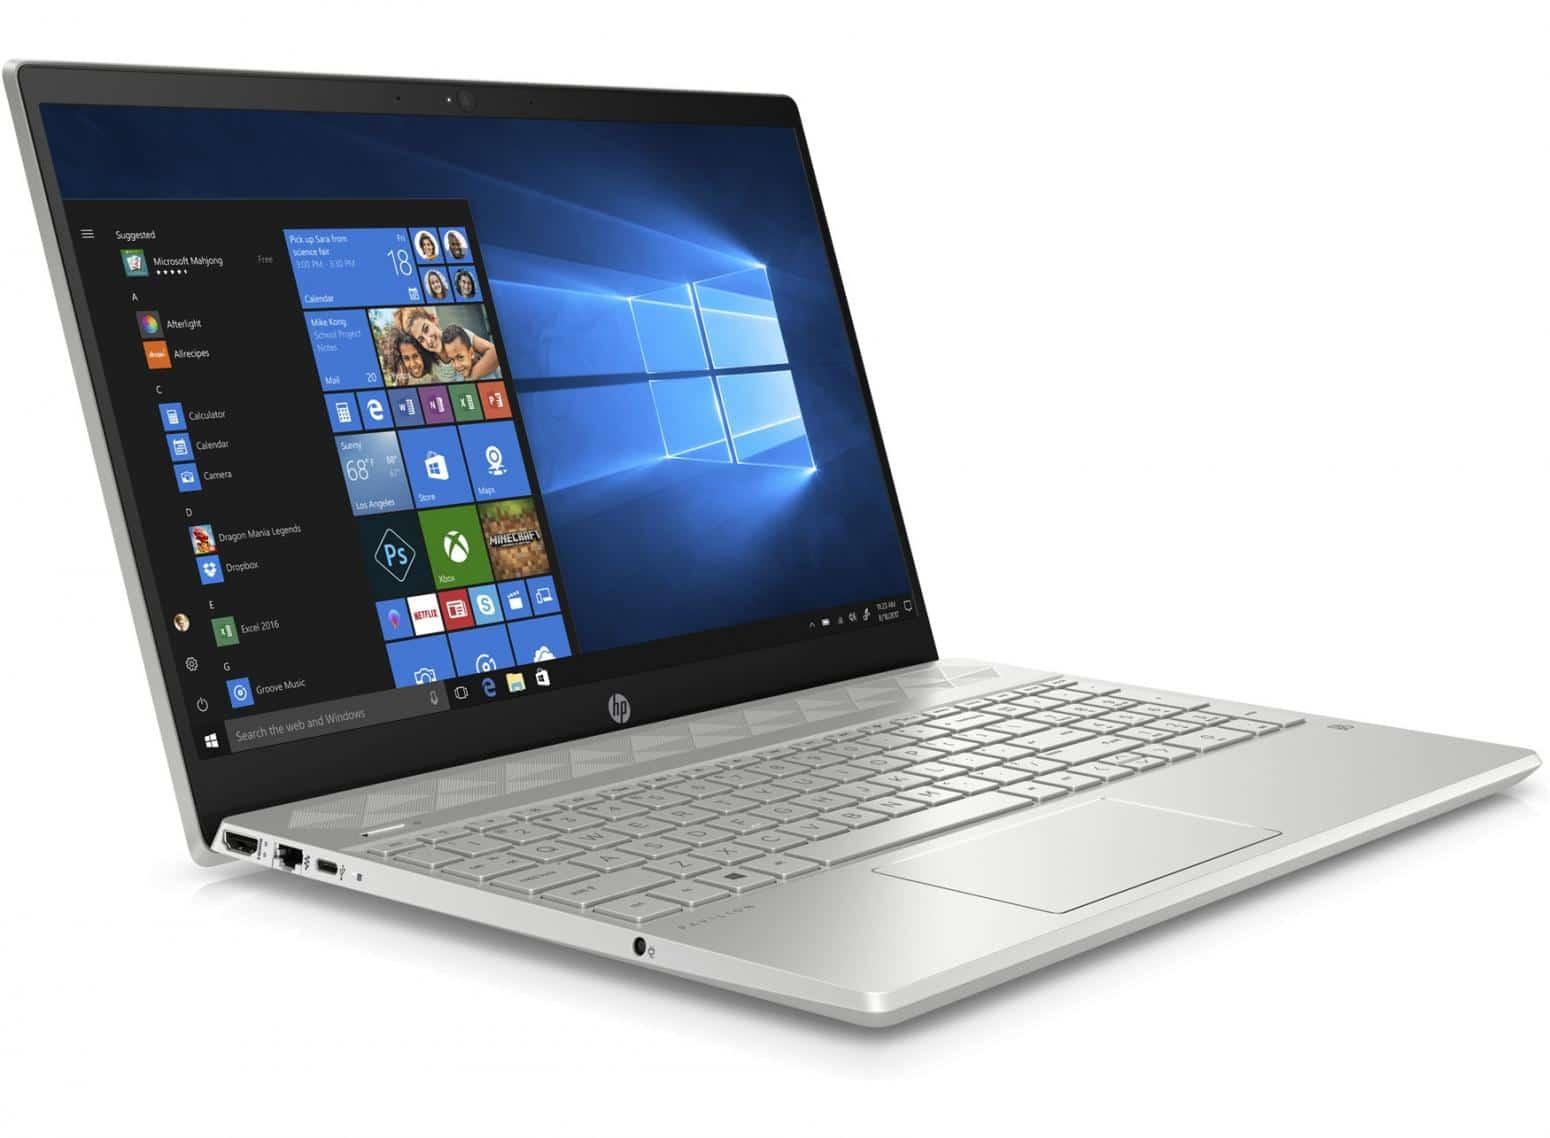 HP Pavilion 15-cs0011nf, ultrabook 16 Go RAM Full HD IPS (799€)